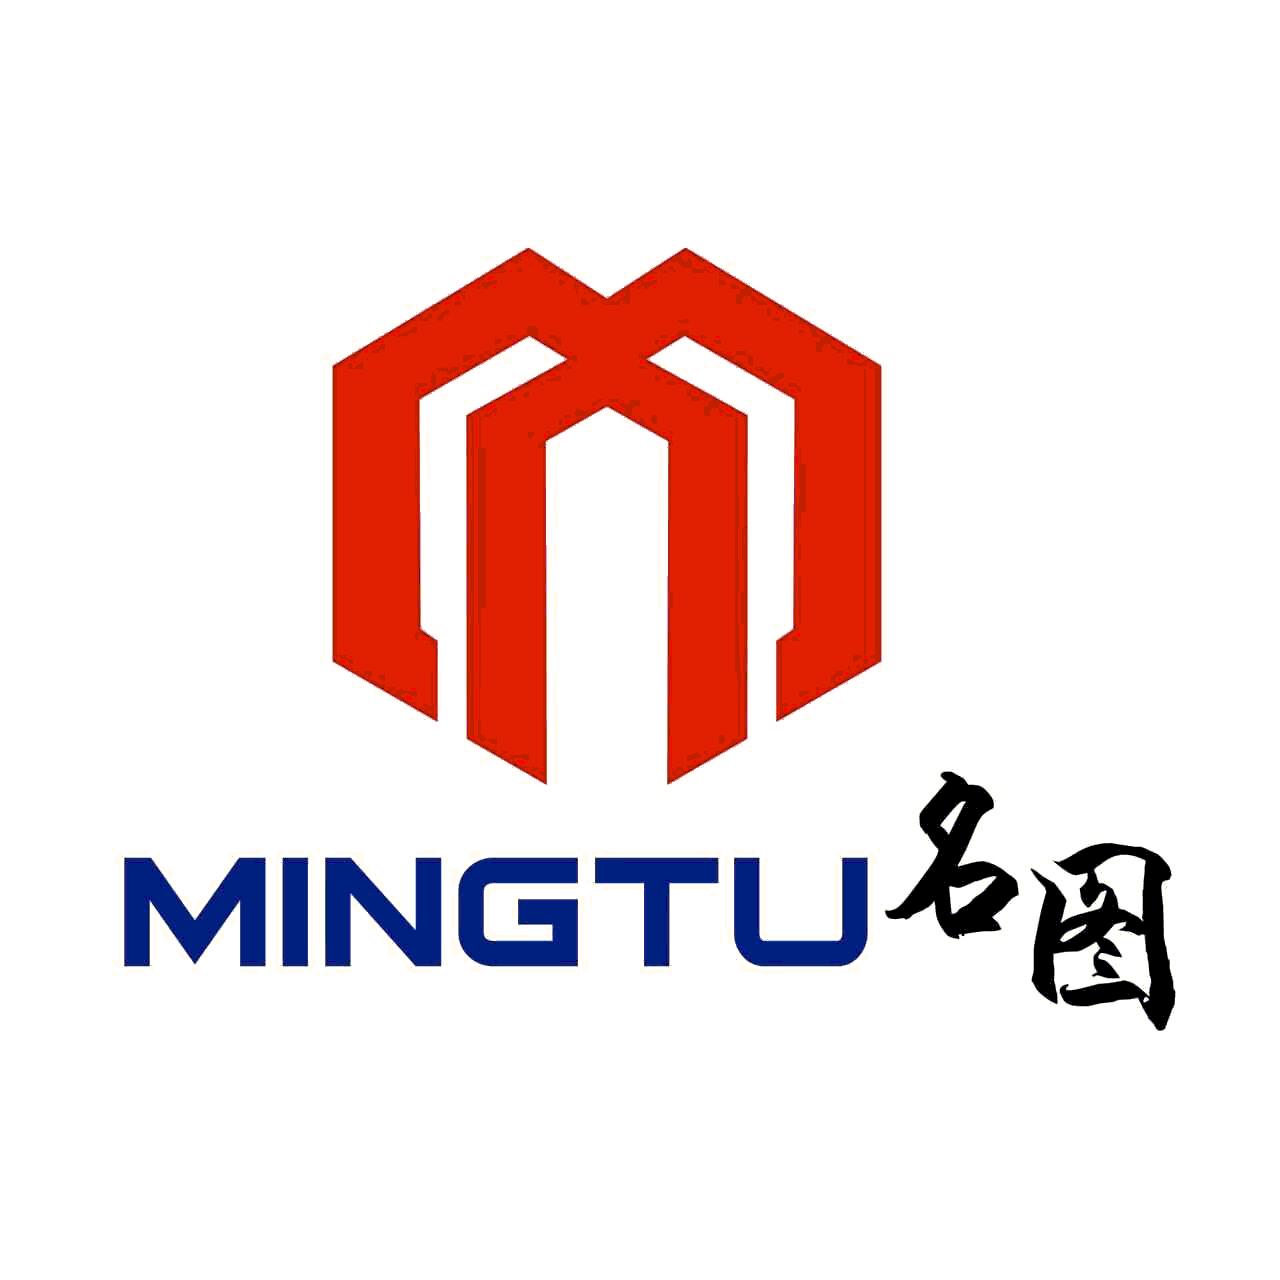 扬州市名图制刷设备有限公司